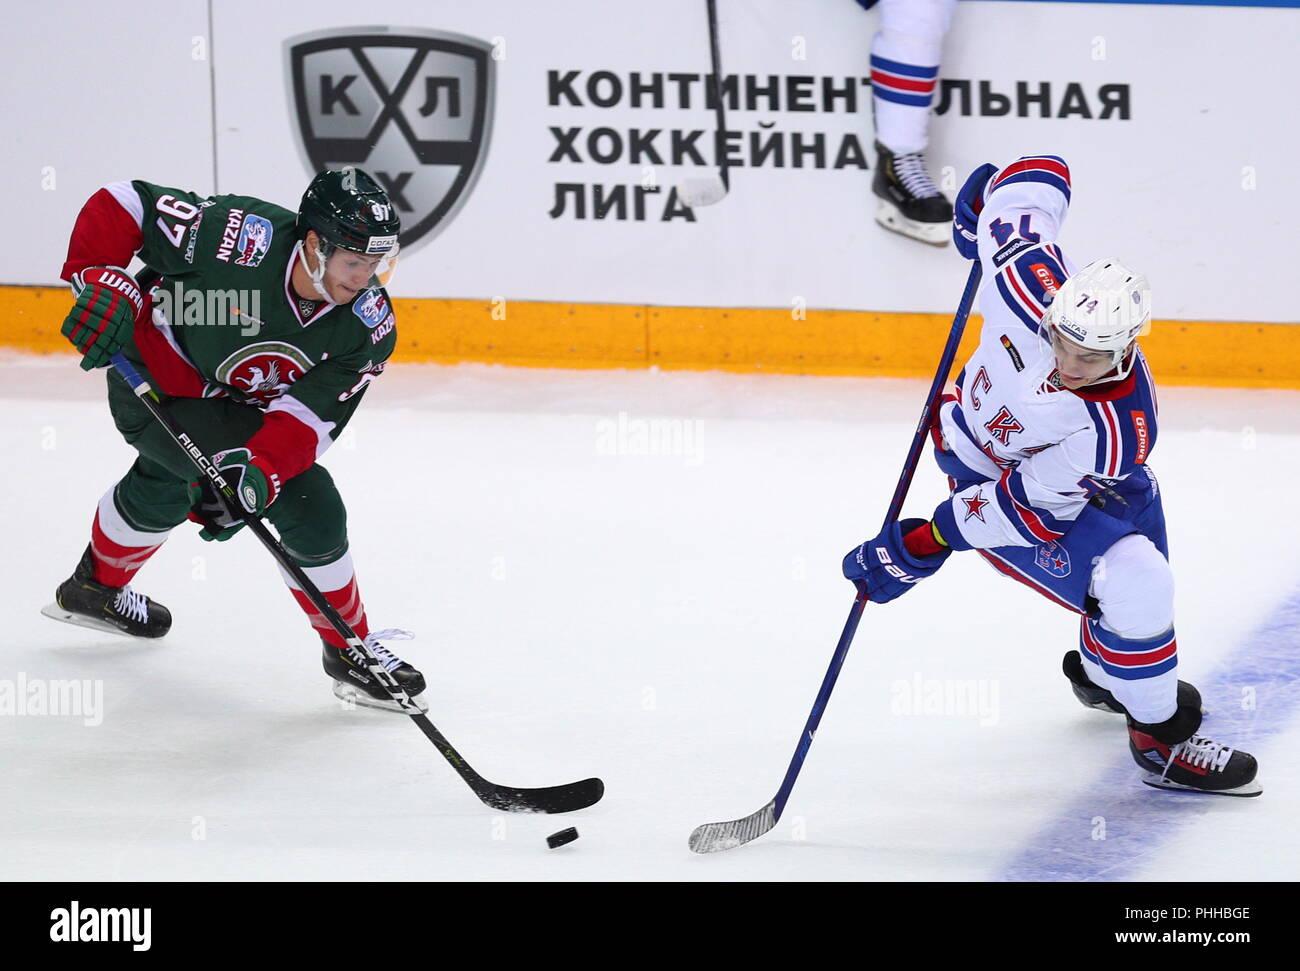 Nikolai Potapov Stock Photos & Nikolai Potapov Stock Images - Alamy